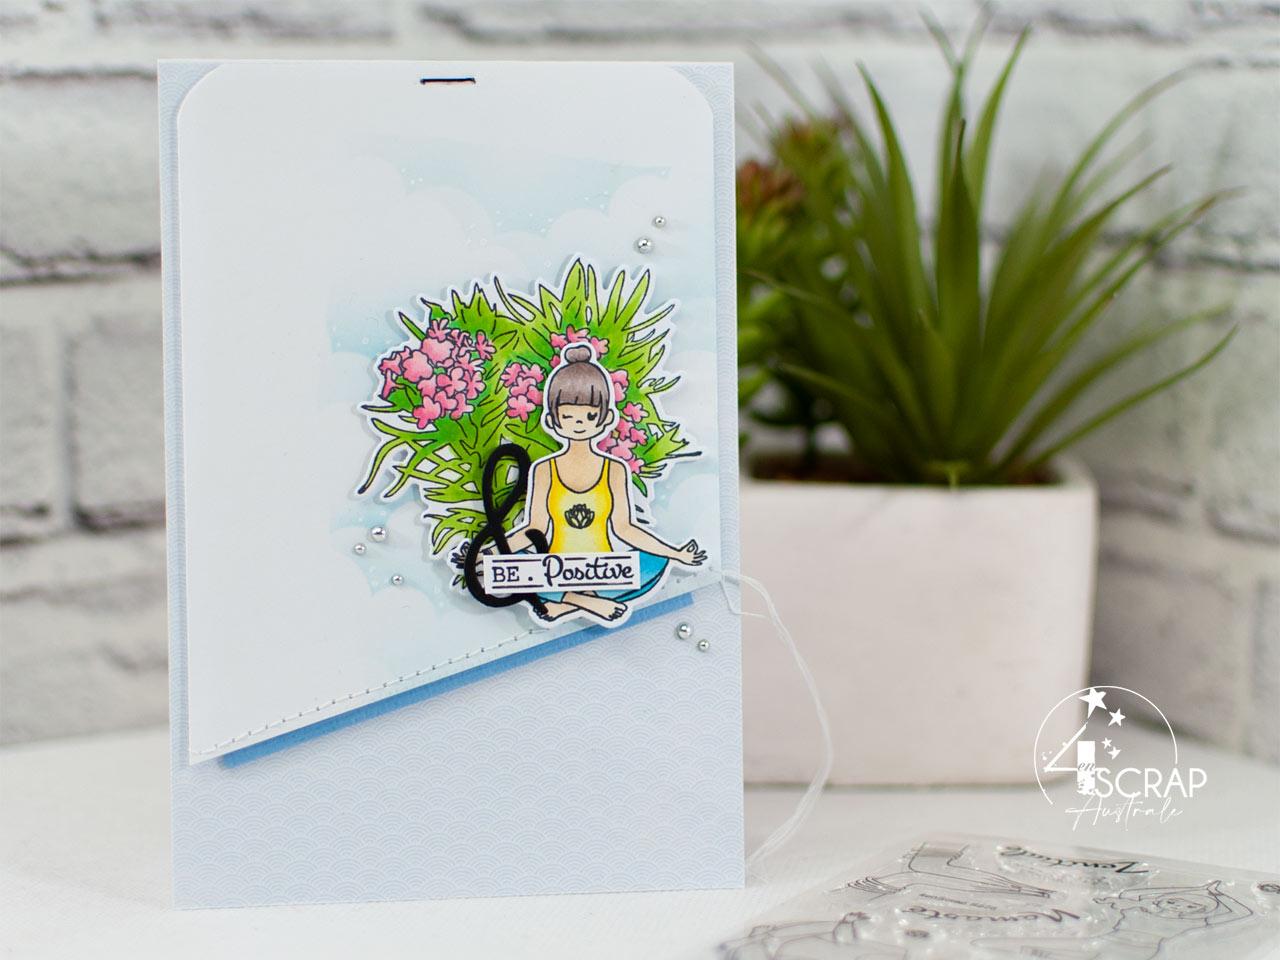 Création d'une carte sur le thème du yoga et de la méditation avec fond nuages, laurier rose en fleurs et une petite yogi dans la posture du lotus.